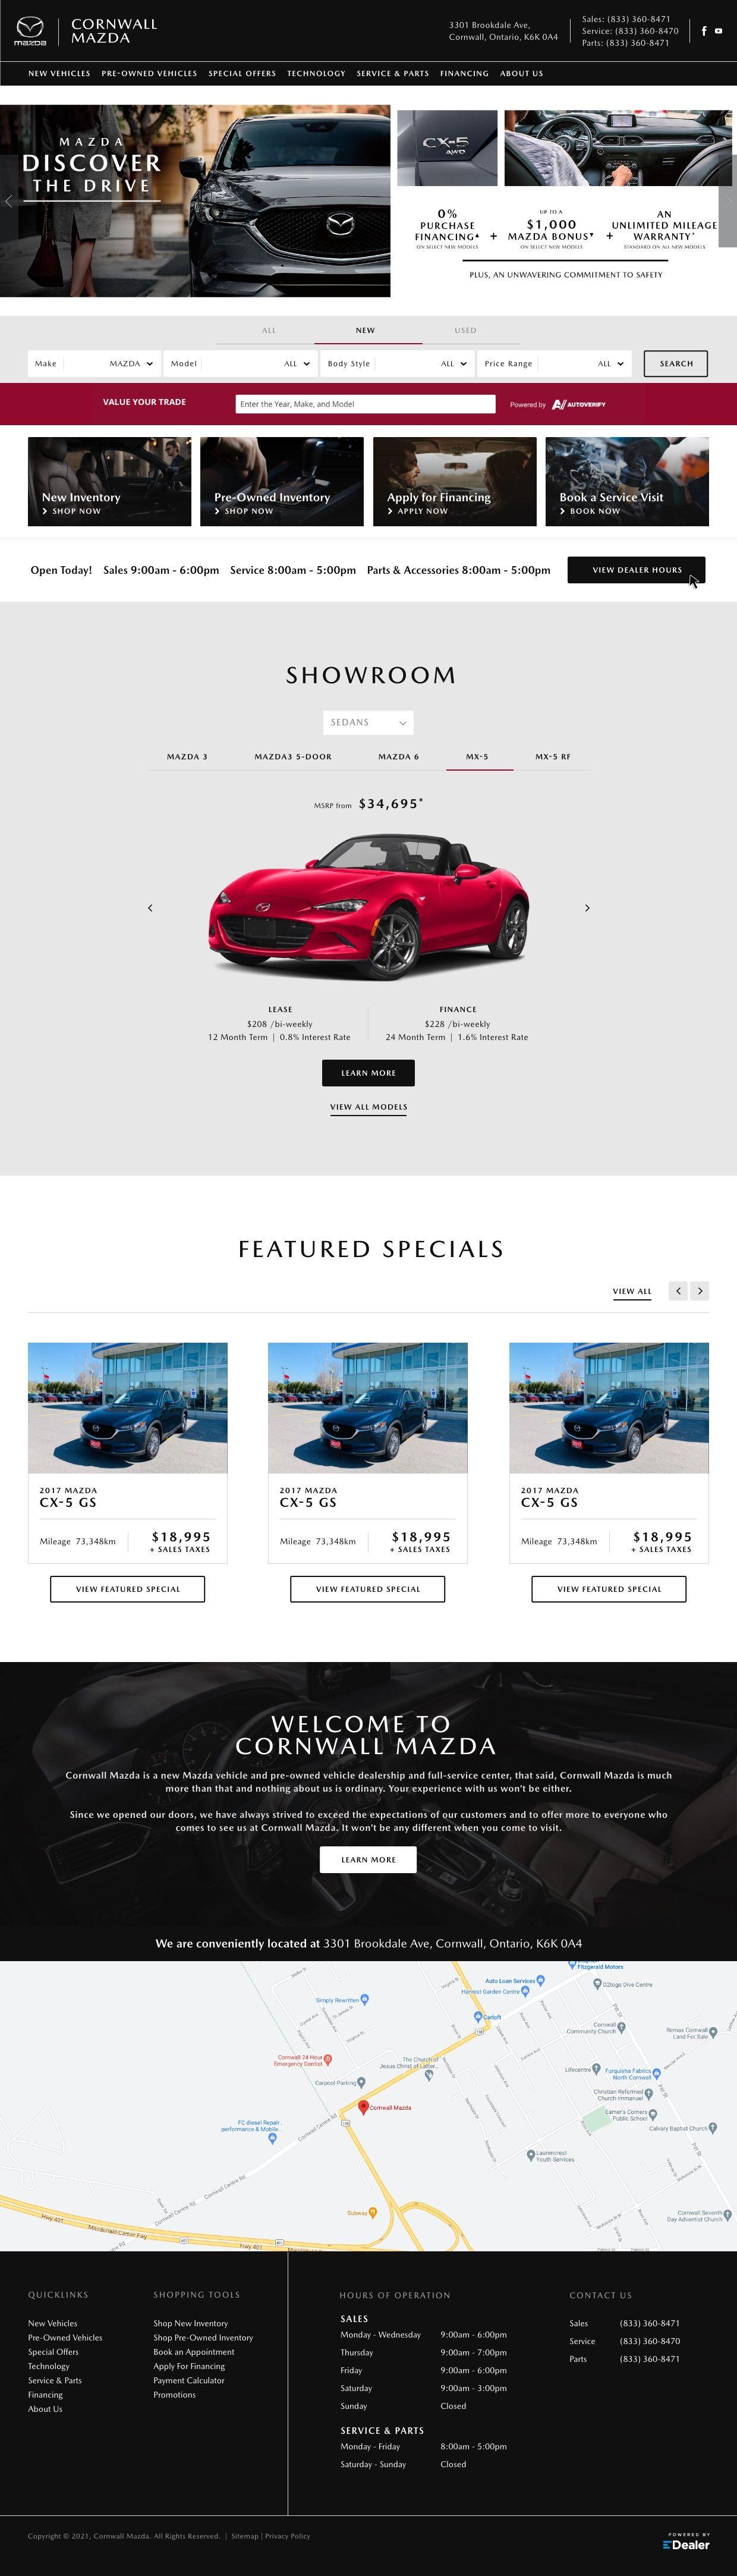 Cornwall Mazda